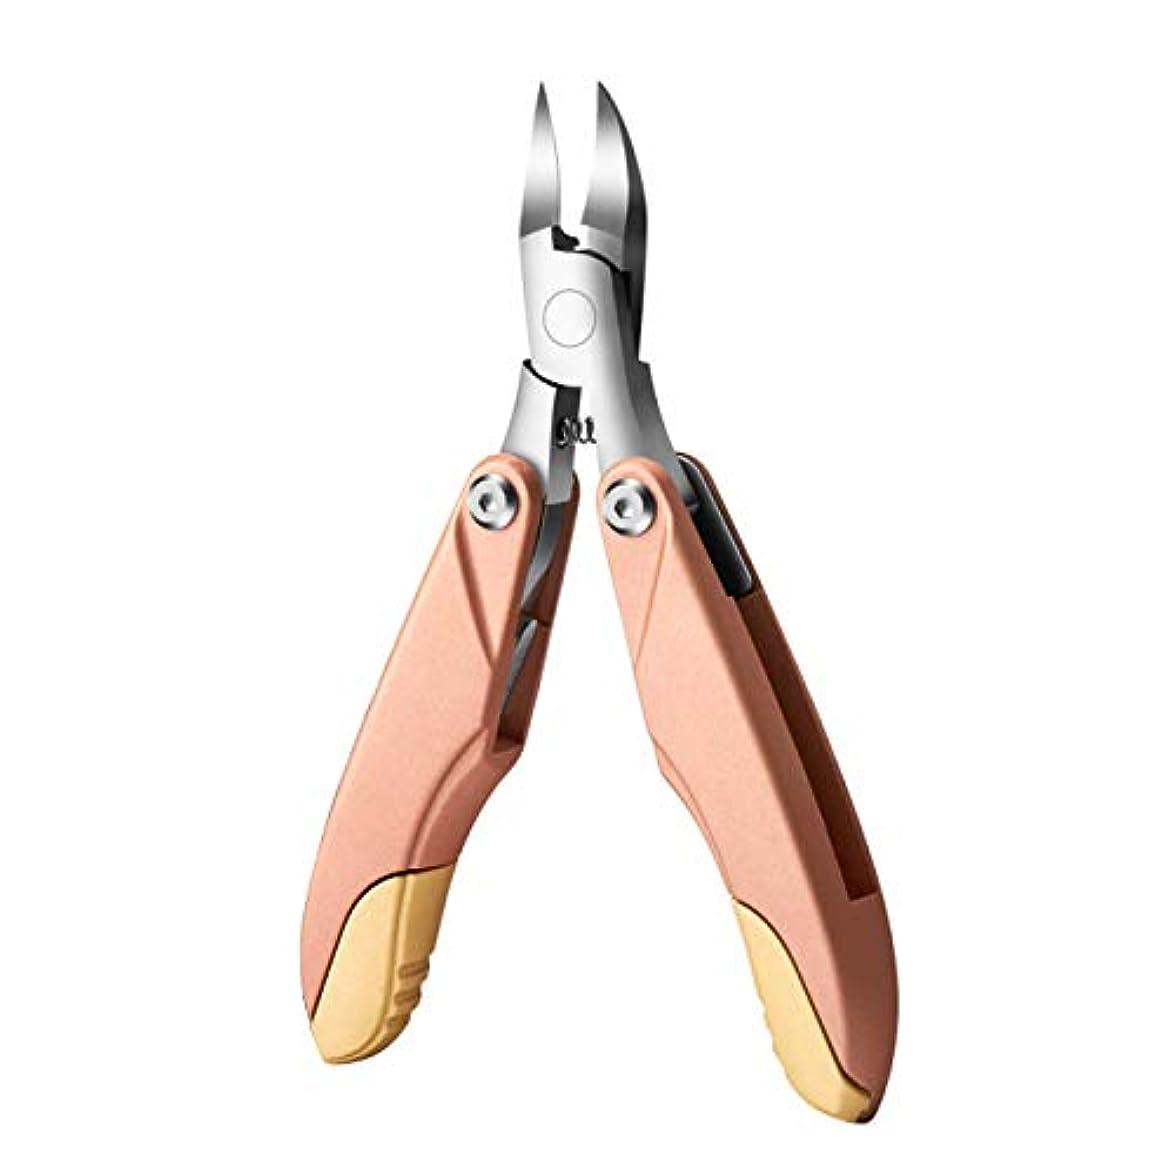 逆さまに膨らみぶどう爪切り ニッパー型 厚い爪、巻き爪、変形爪、陥入爪、甘皮、硬い爪 、深爪 、爪周炎 、爪白癬適しています 高度な折り畳み爪切り